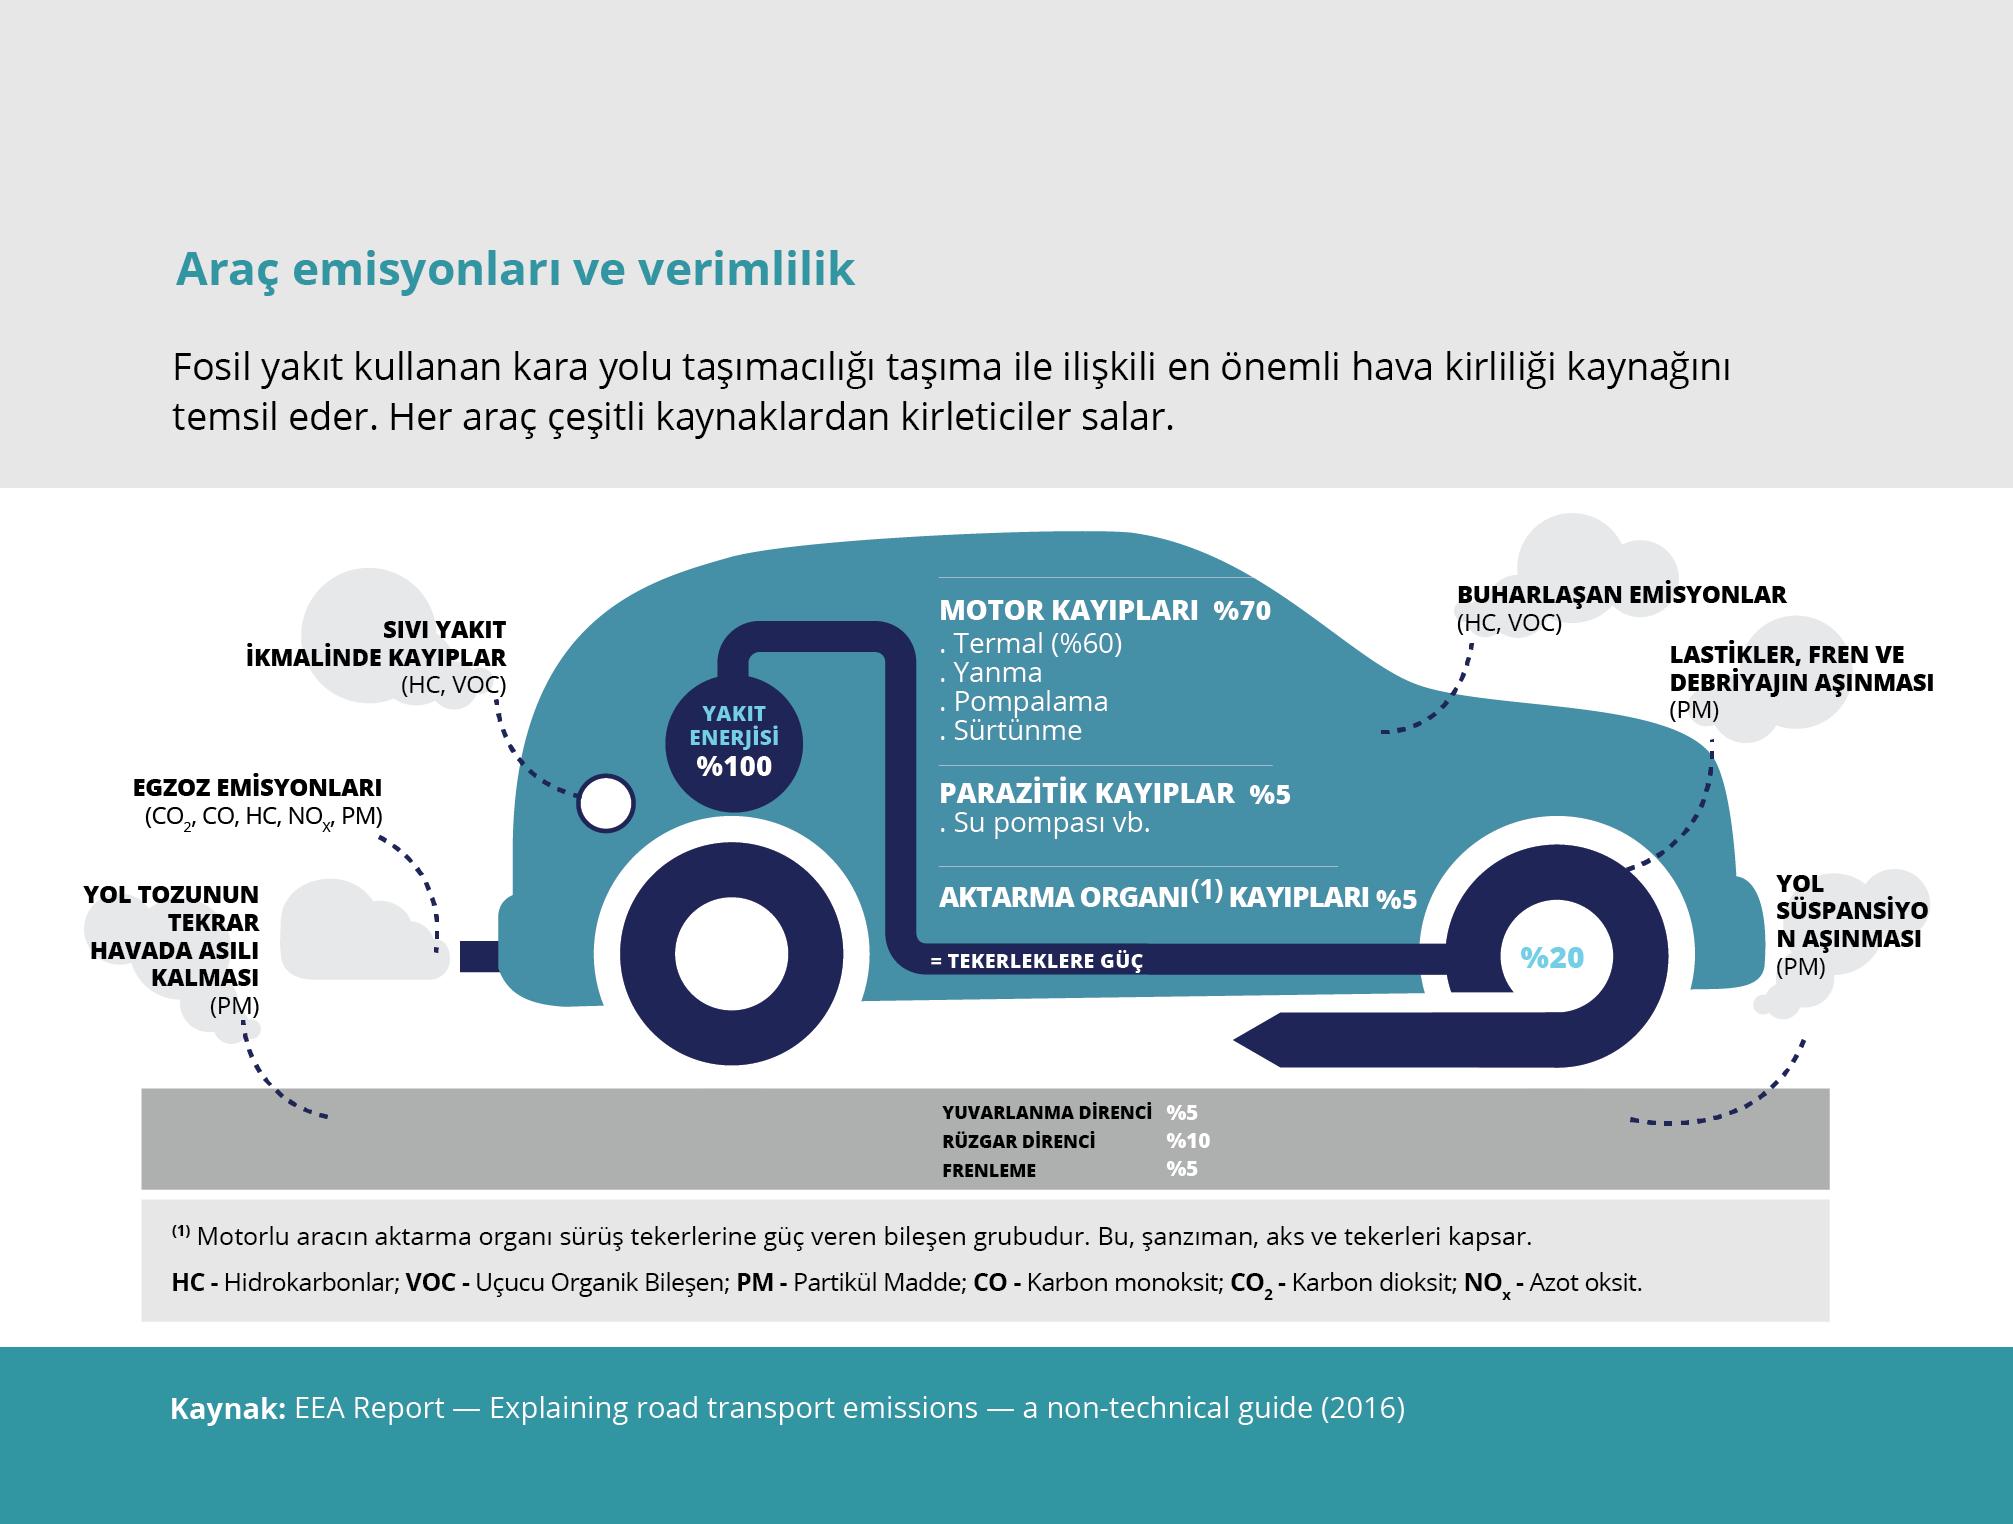 Araç emisyonları ve verimlilik